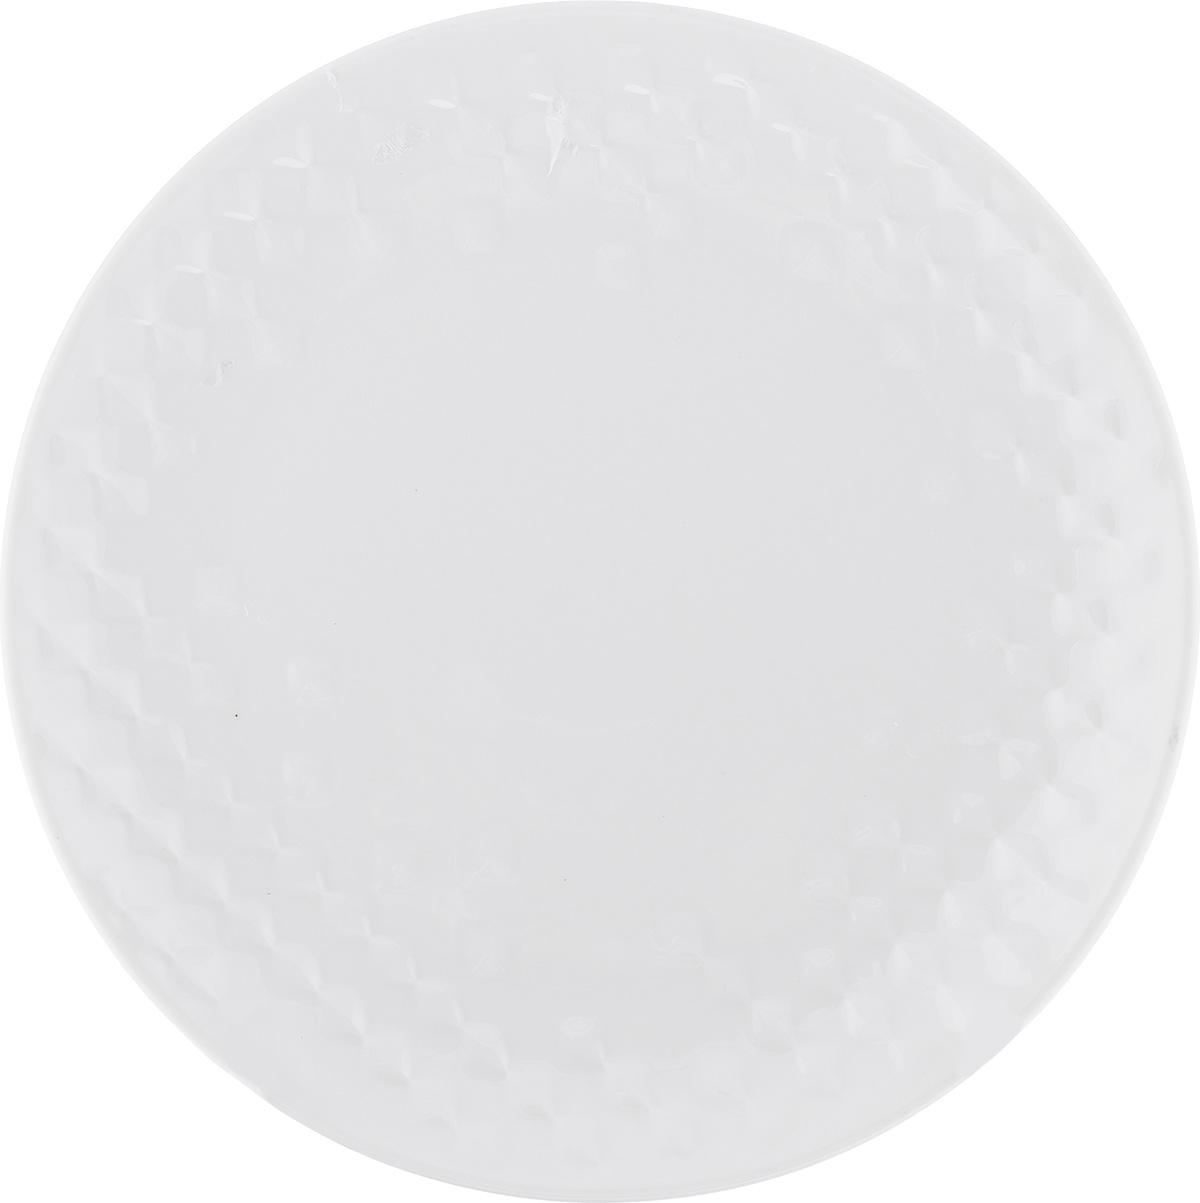 Тарелка десертная Walmer Sapphire, цвет: белый, диаметр 20,5 смW07430021Десертная тарелка Walmer Sapphire изготовлена из экологически чистого фарфора. Изделие оформлено объемным рельефным орнаментом.Такая тарелка прекрасно подходит как для торжественных случаев, так и для повседневного использования. Идеальна для подачи десертов, пирожных, тортов. Она прекрасно оформит стол и станет отличным дополнением к вашей коллекции кухонной посуды.Можно использовать в посудомоечной машине и СВЧ.Диаметр (по верхнему краю): 20,5 см.Высота стенки: 2,3 см.